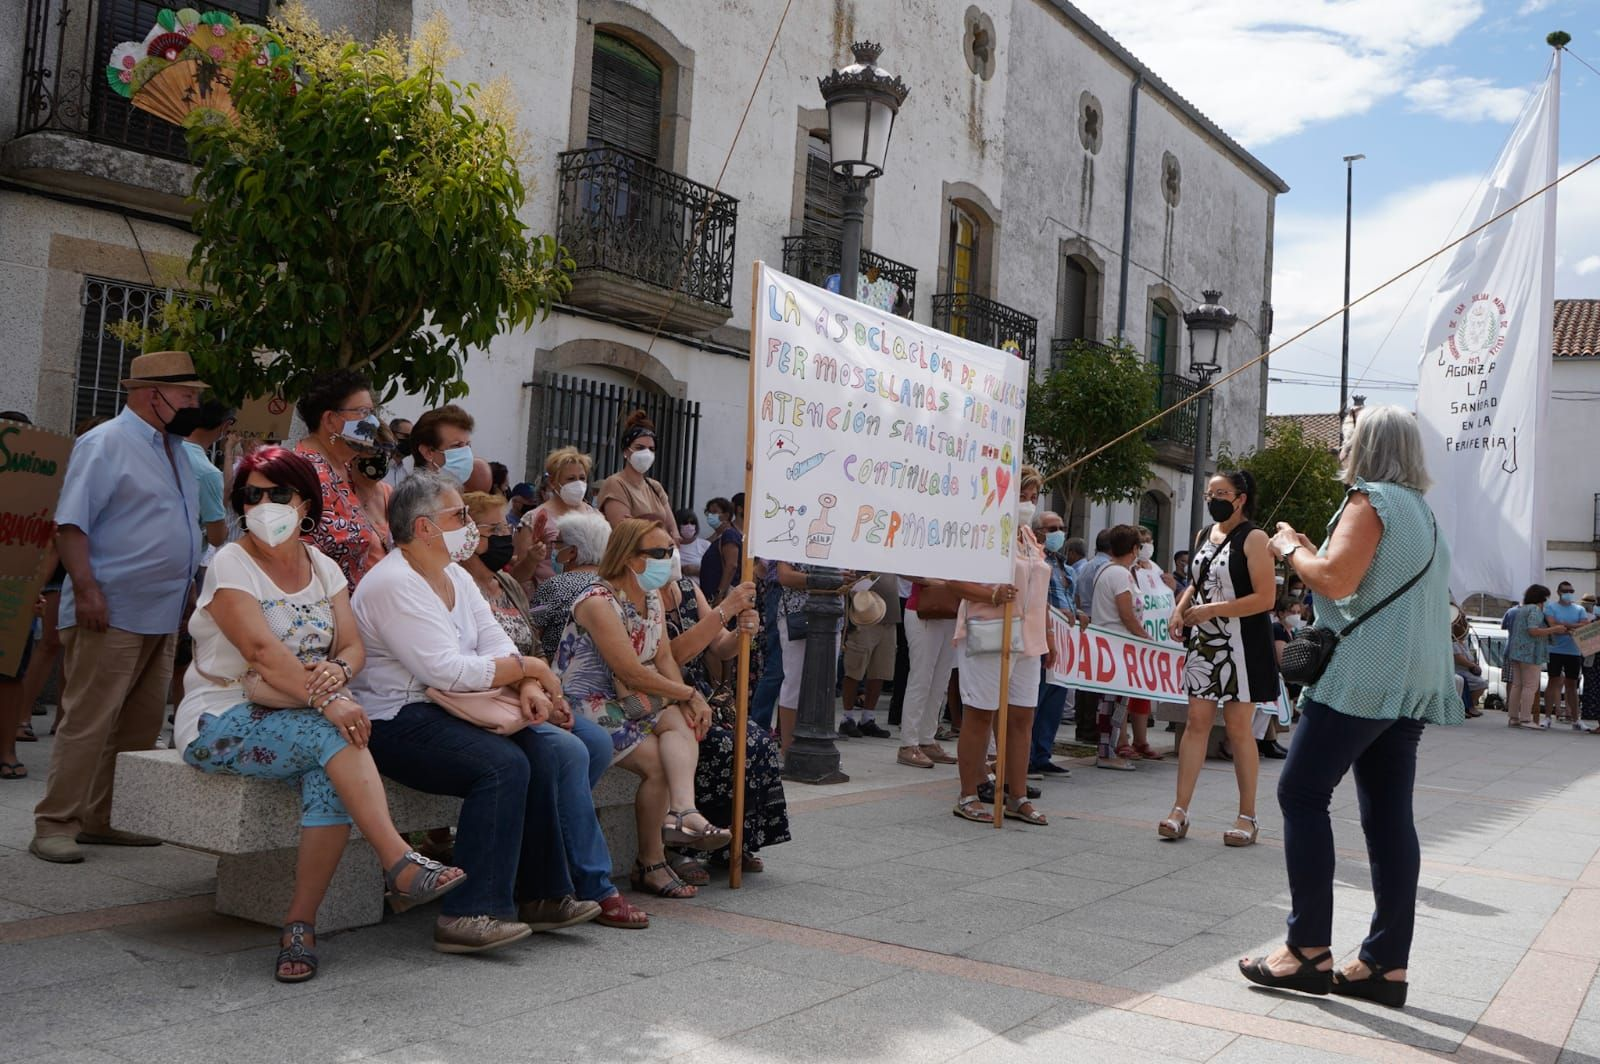 MANIFESTACION BERMILLO 14 DE AGOSTO (11).jpg